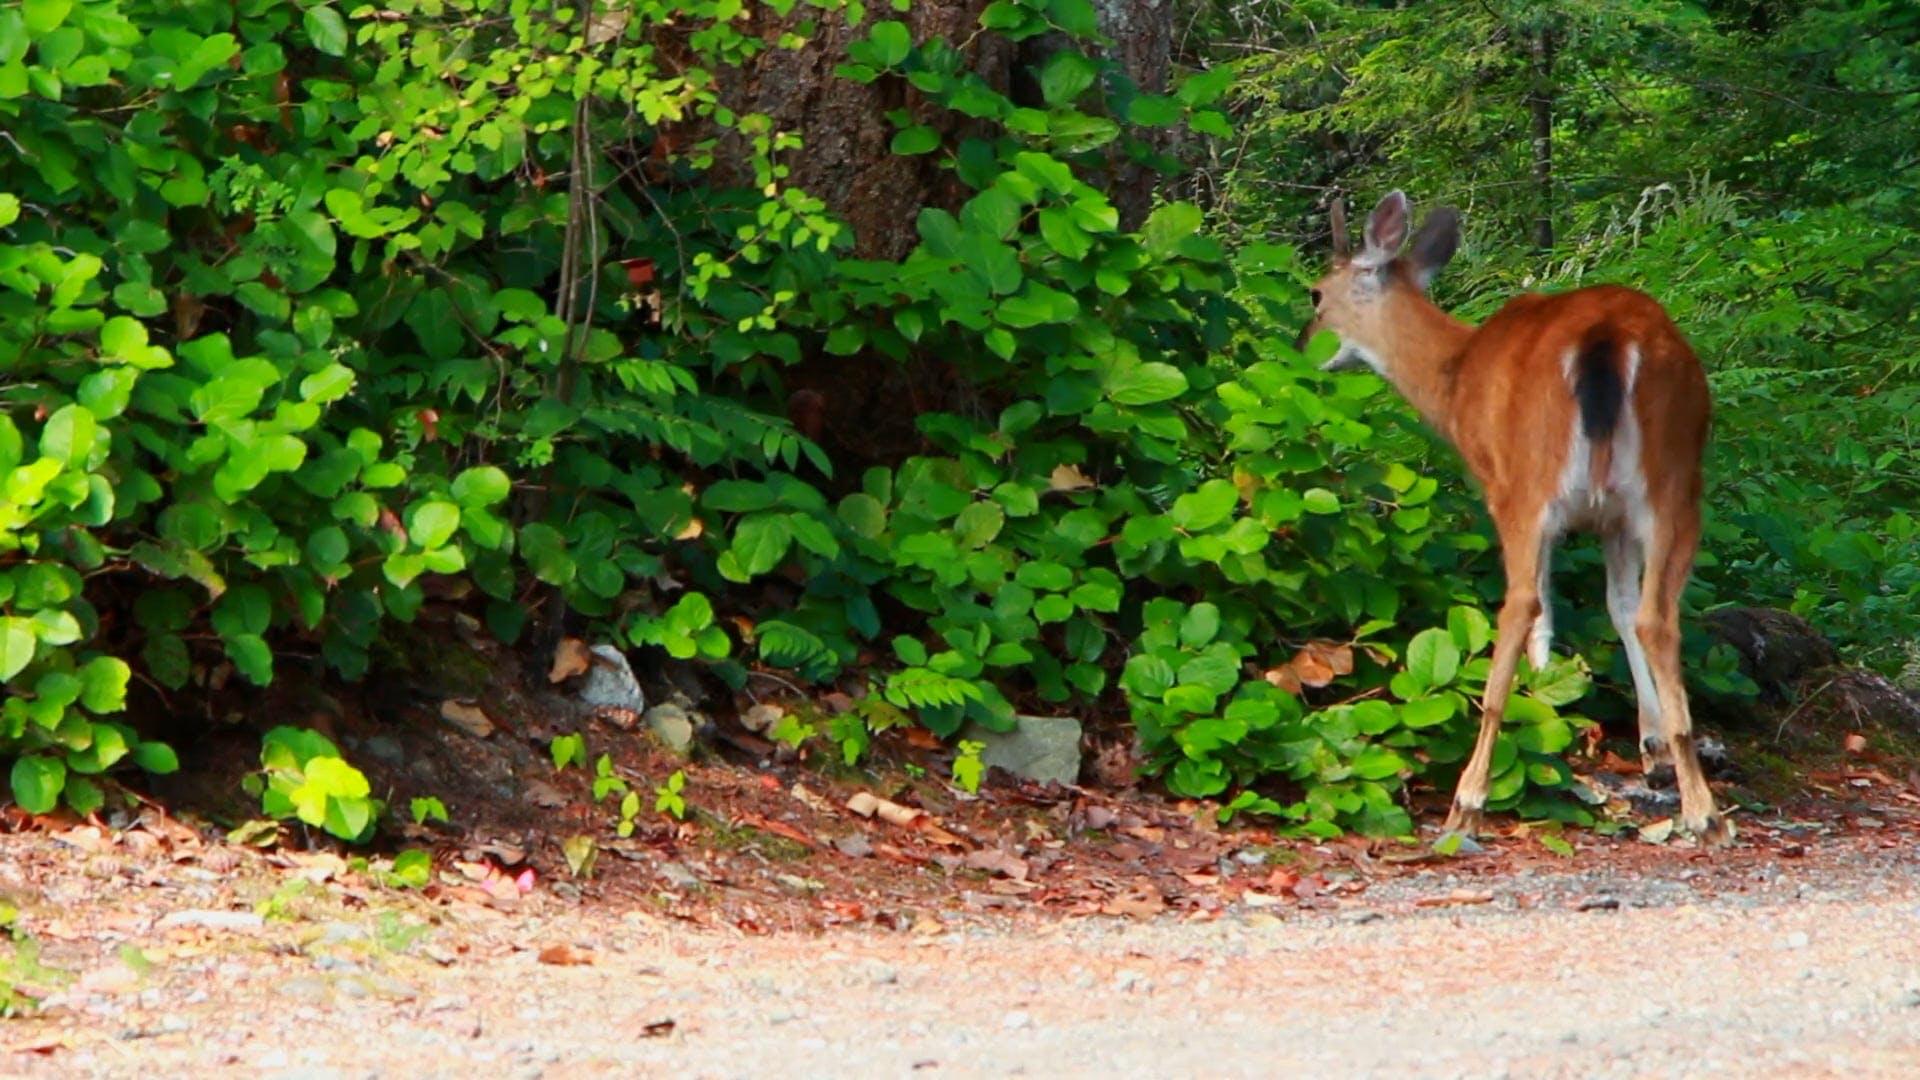 Deer Eating Leaves